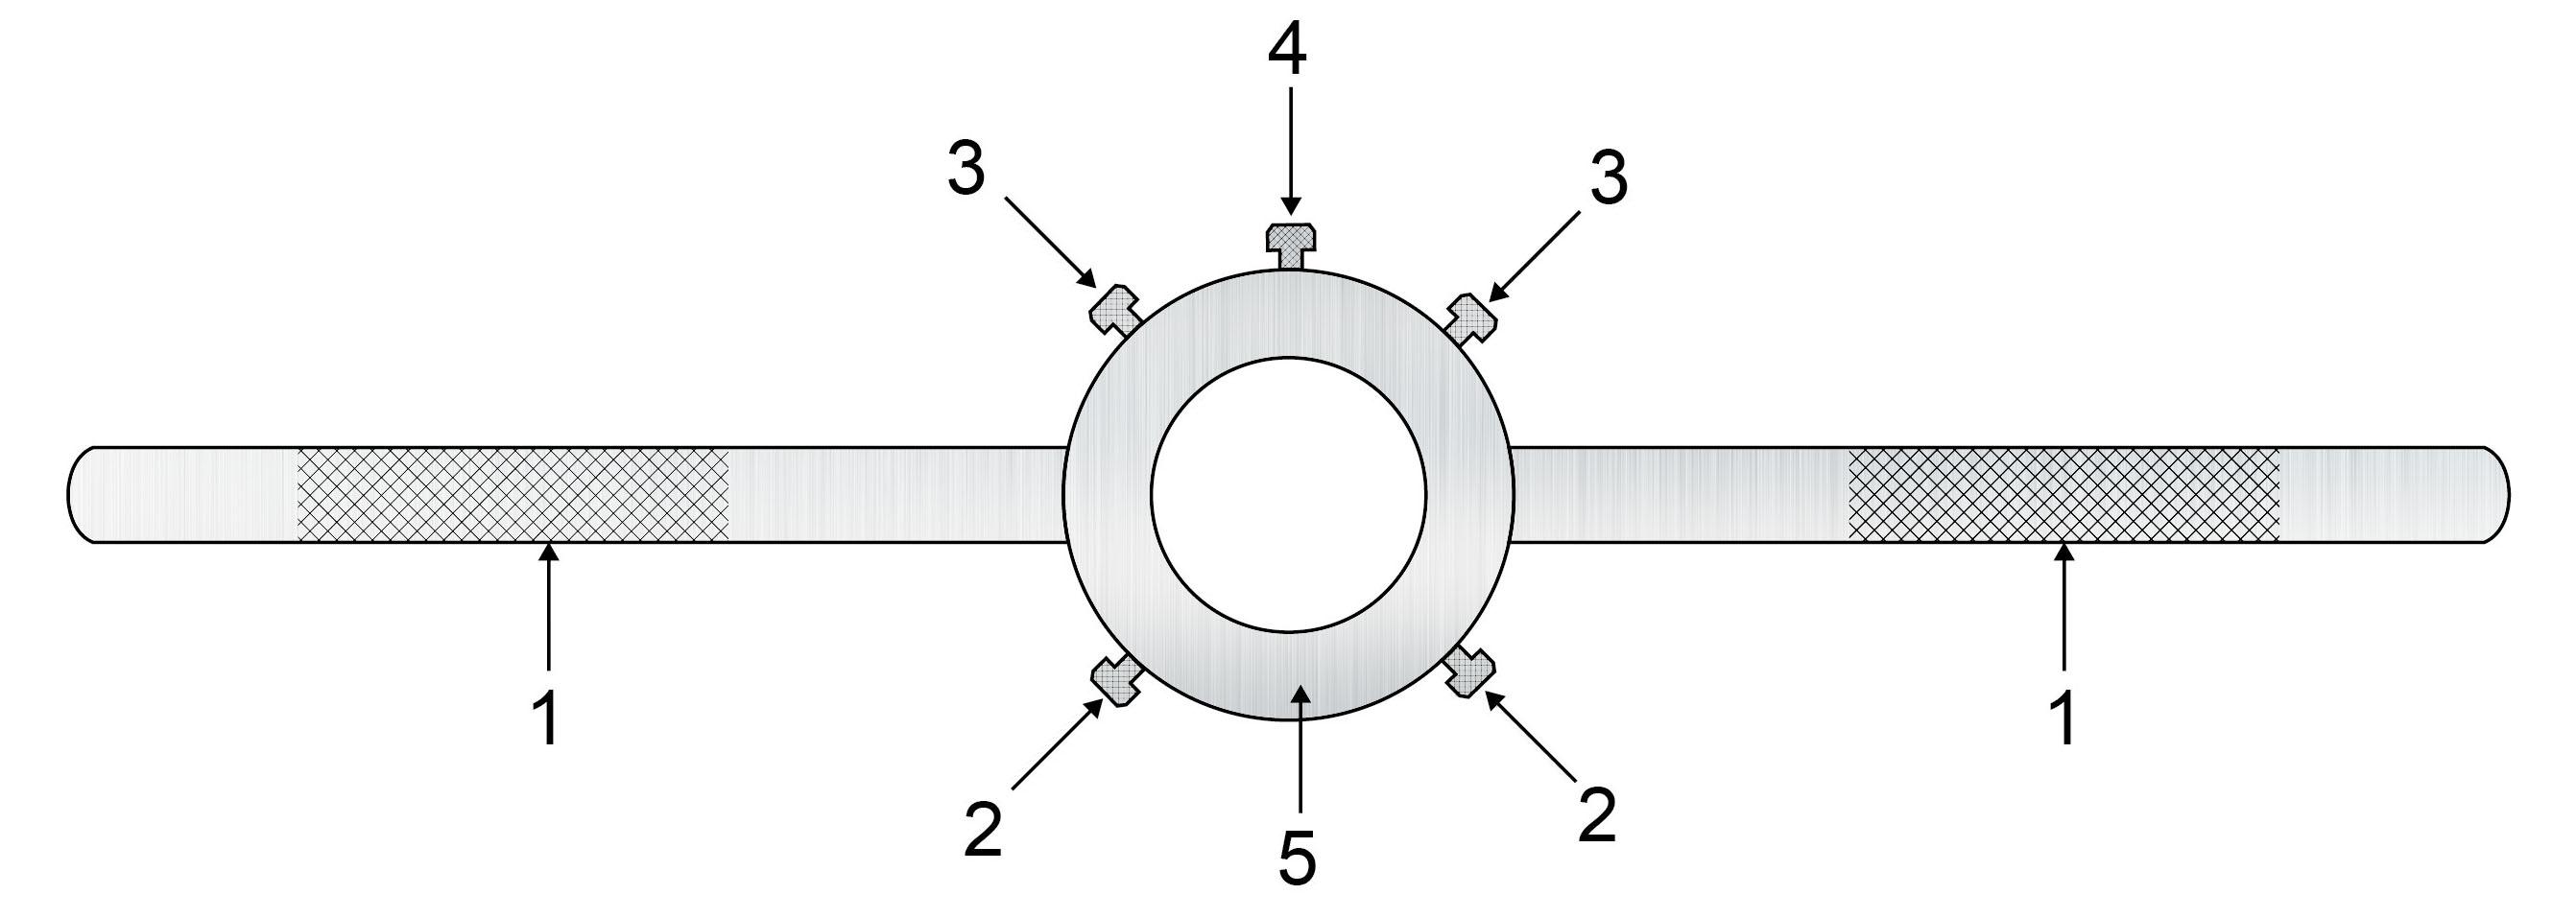 Schemat budowy oprawki do narzynek.